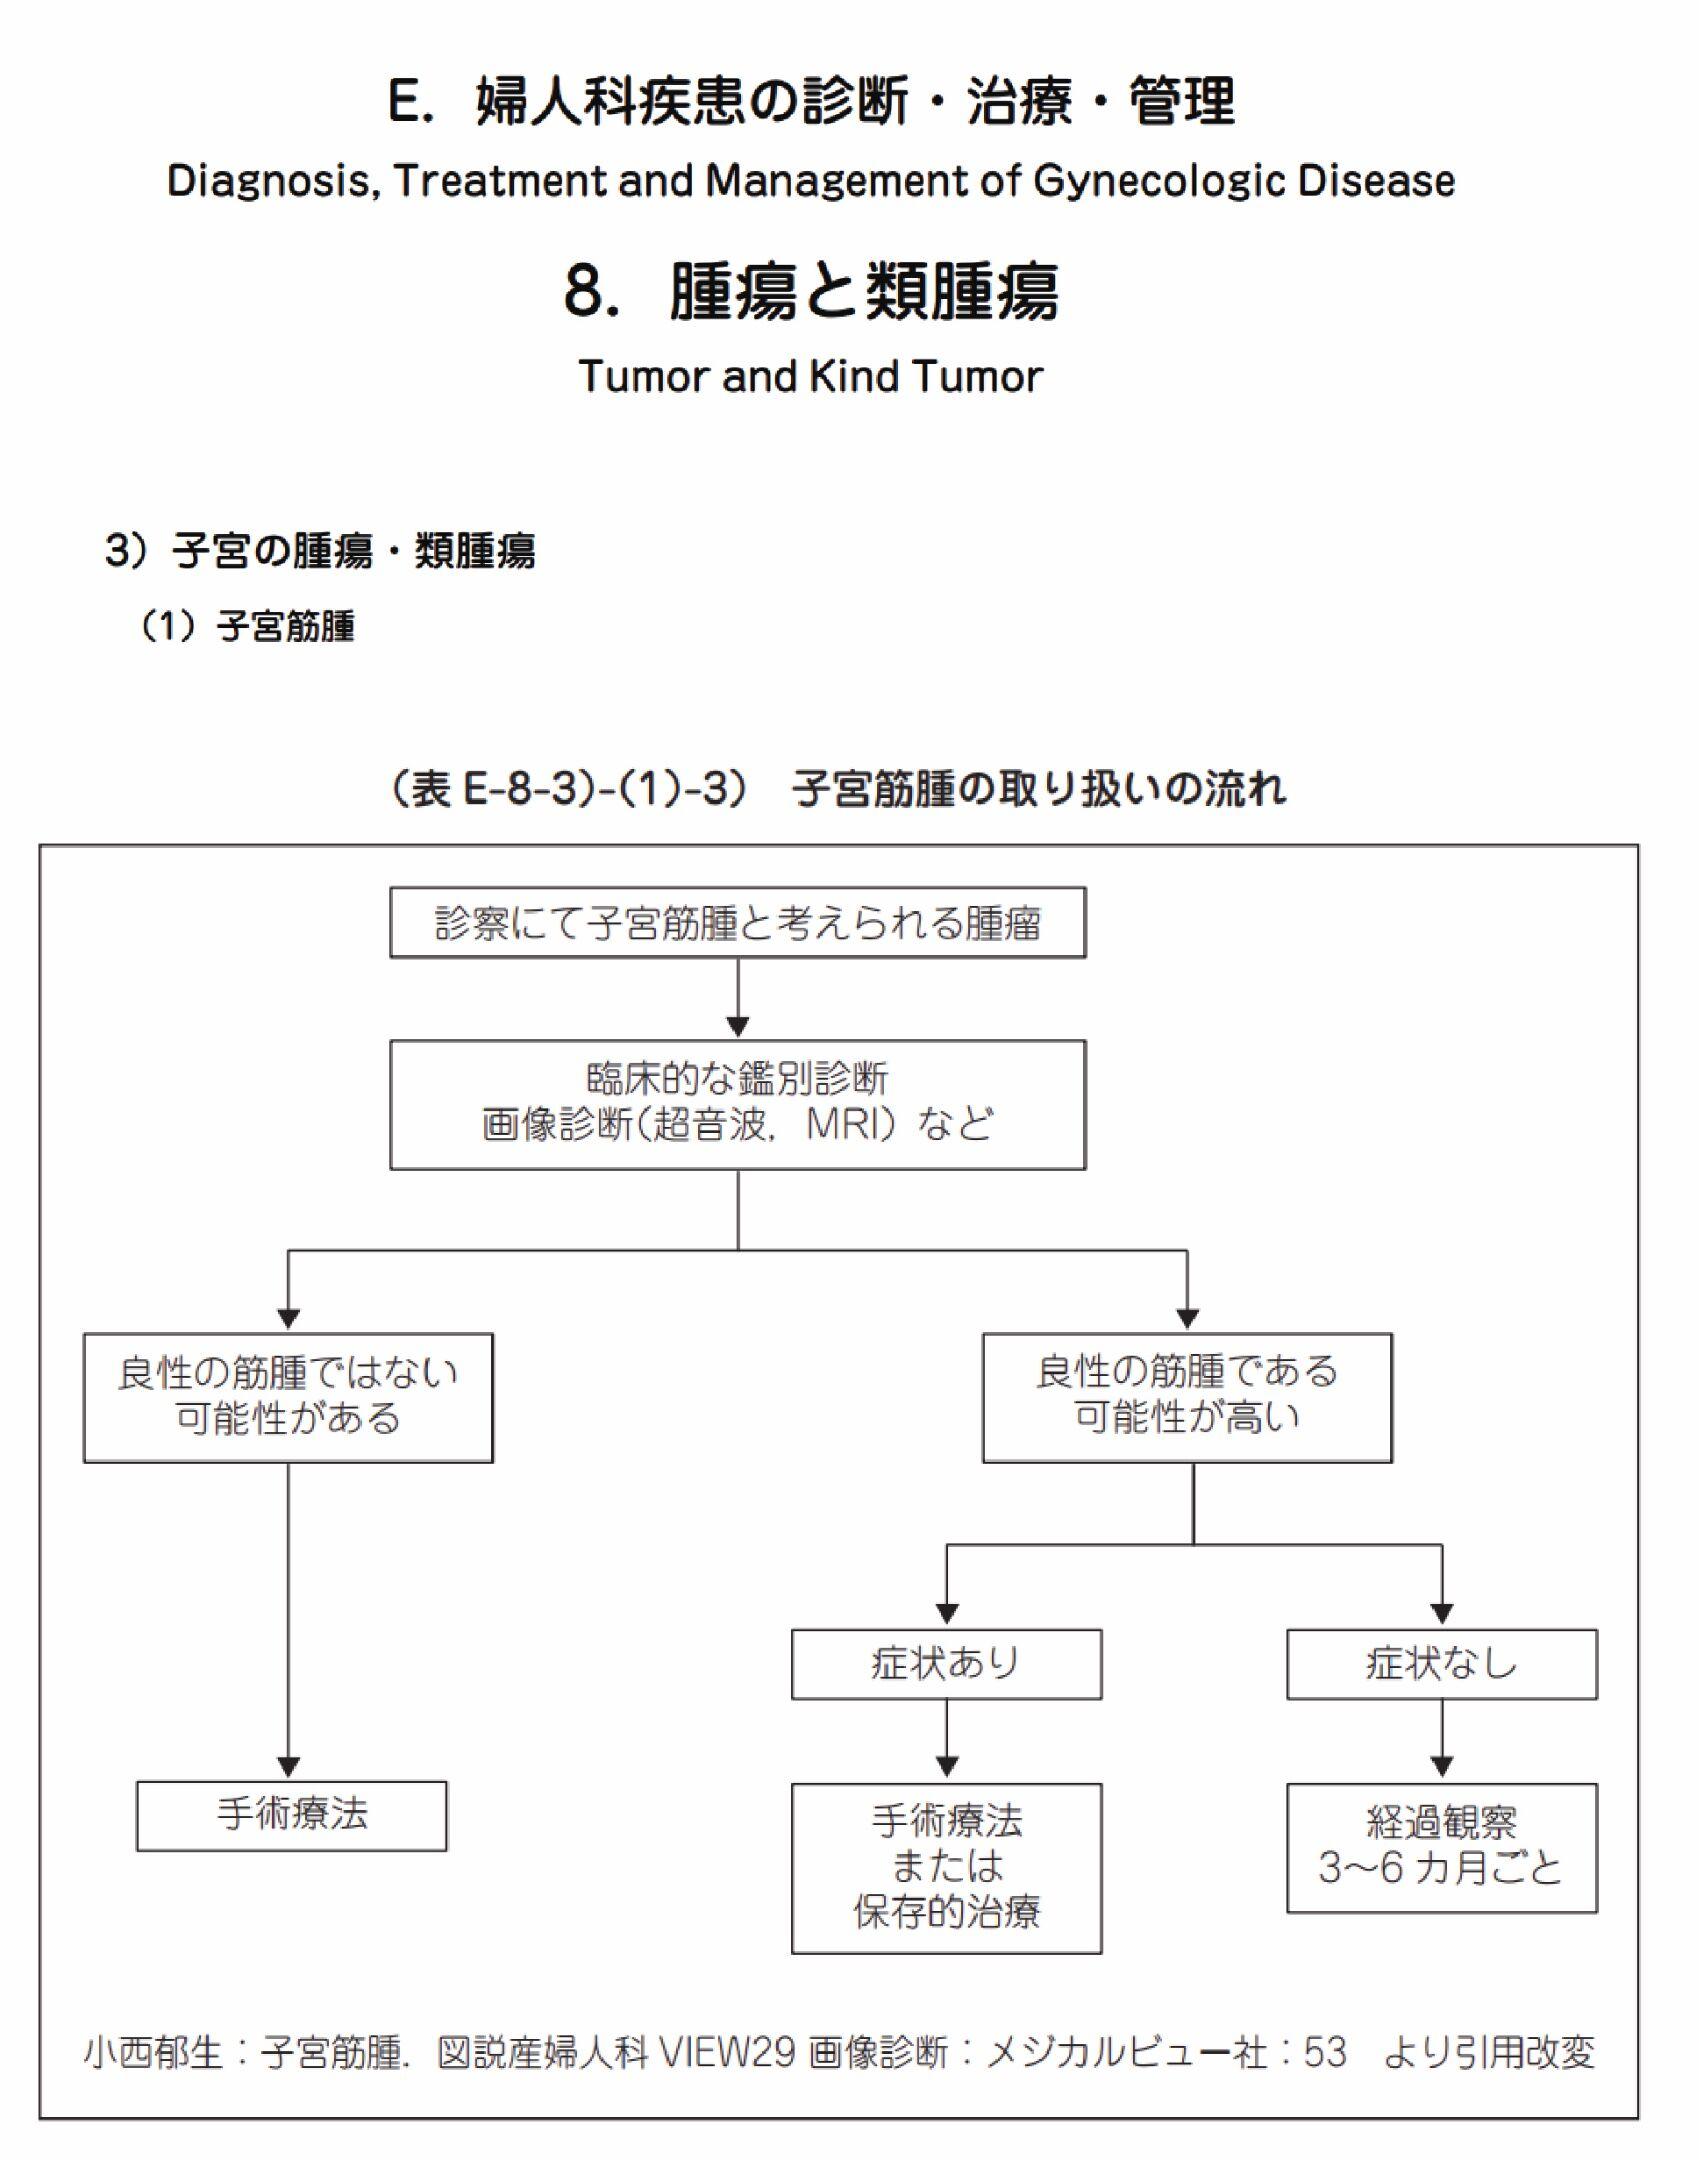 日本産科婦人科学会的治療指引